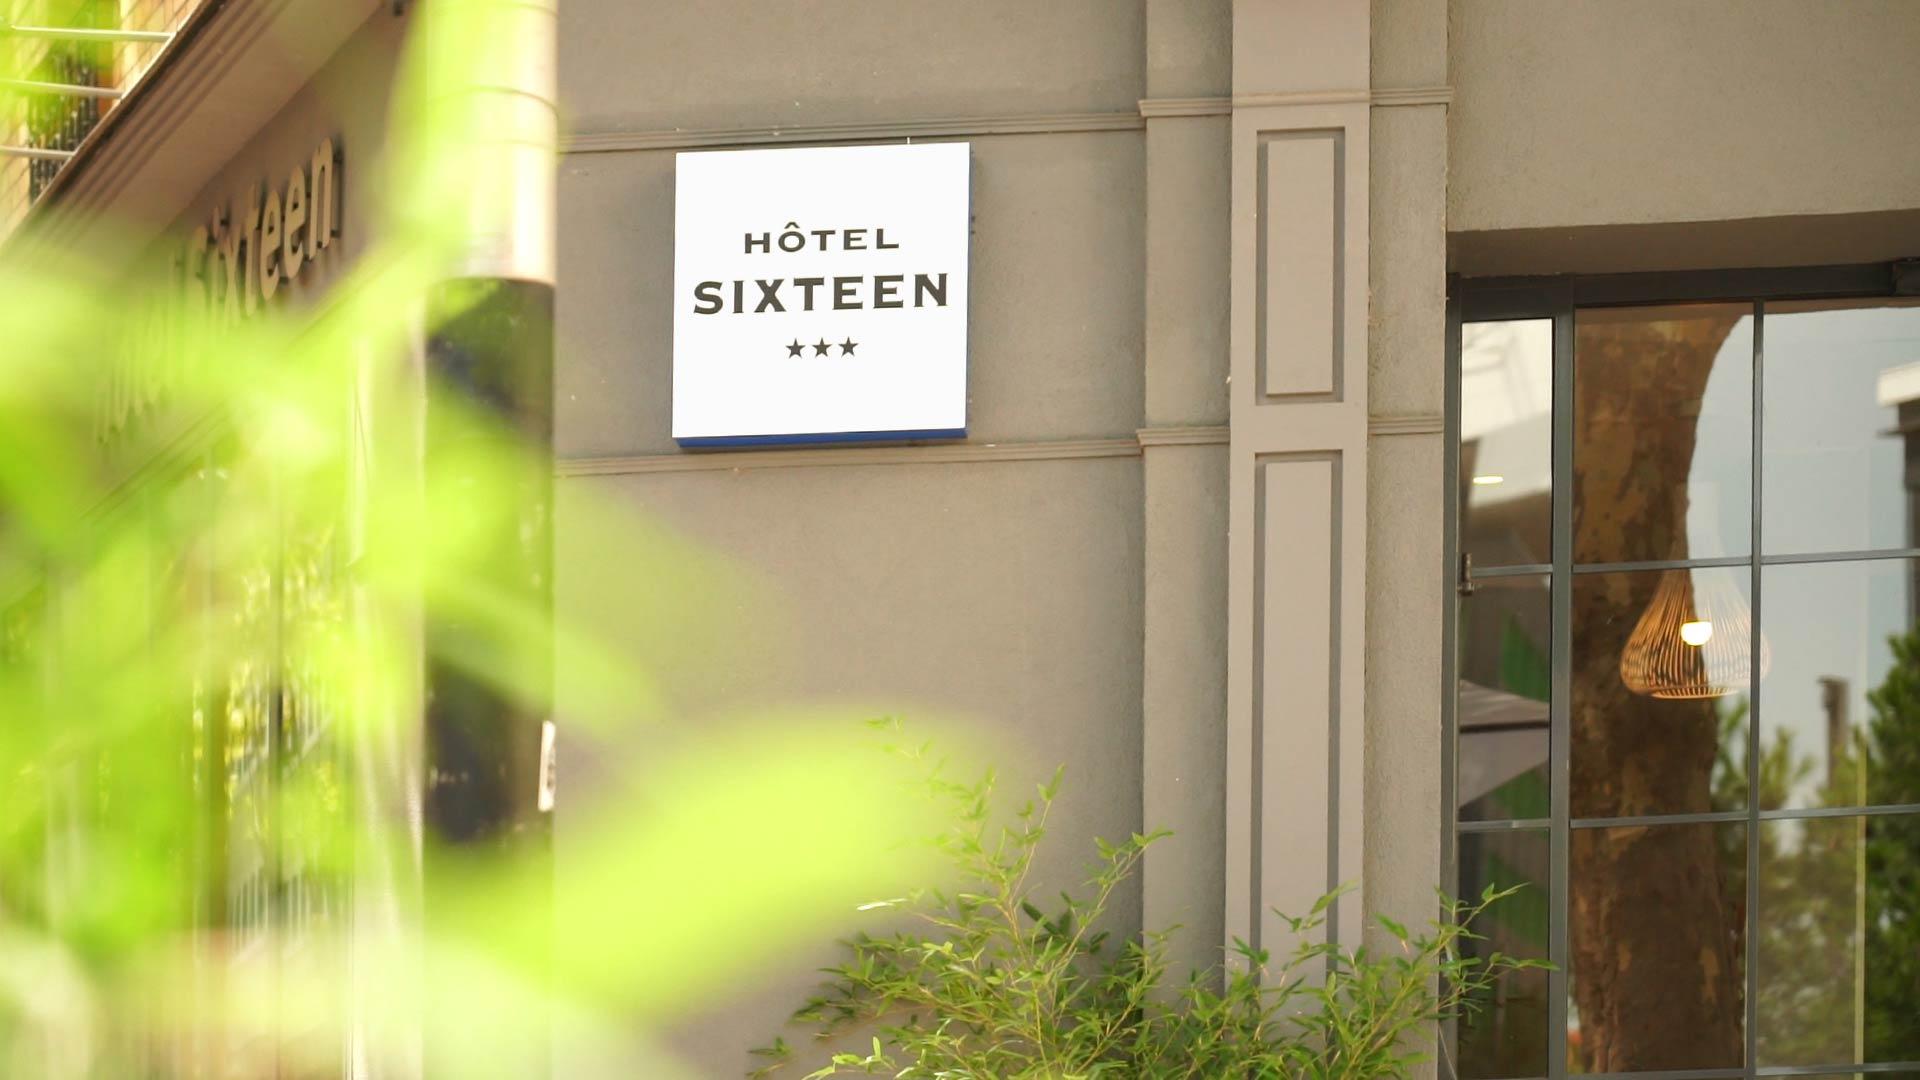 Hôtel Place Jean-Jaurès 92120, Hotel Sixteen Paris Montrouge, à coté de la porte d'Orléans,